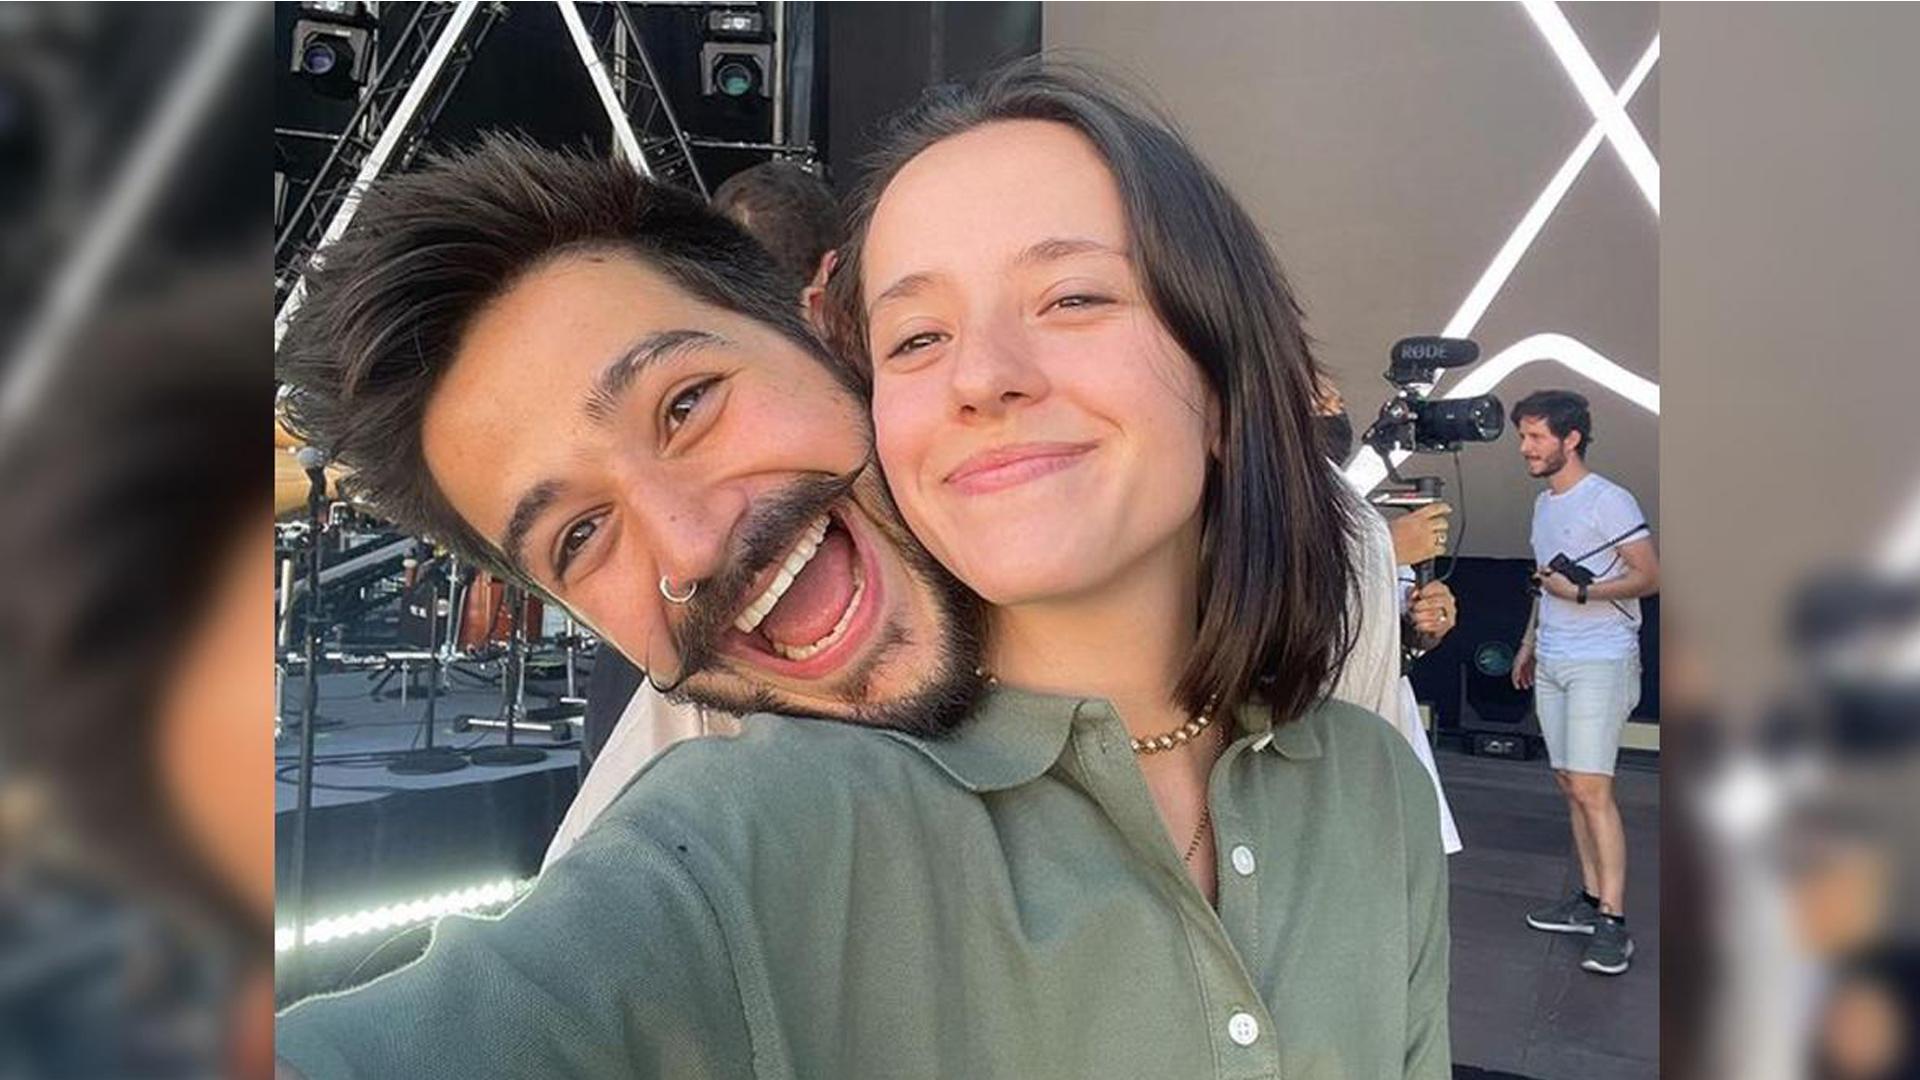 Camilo y Evaluna graban video de su nueva canción 'Índigo' en Mérida, España